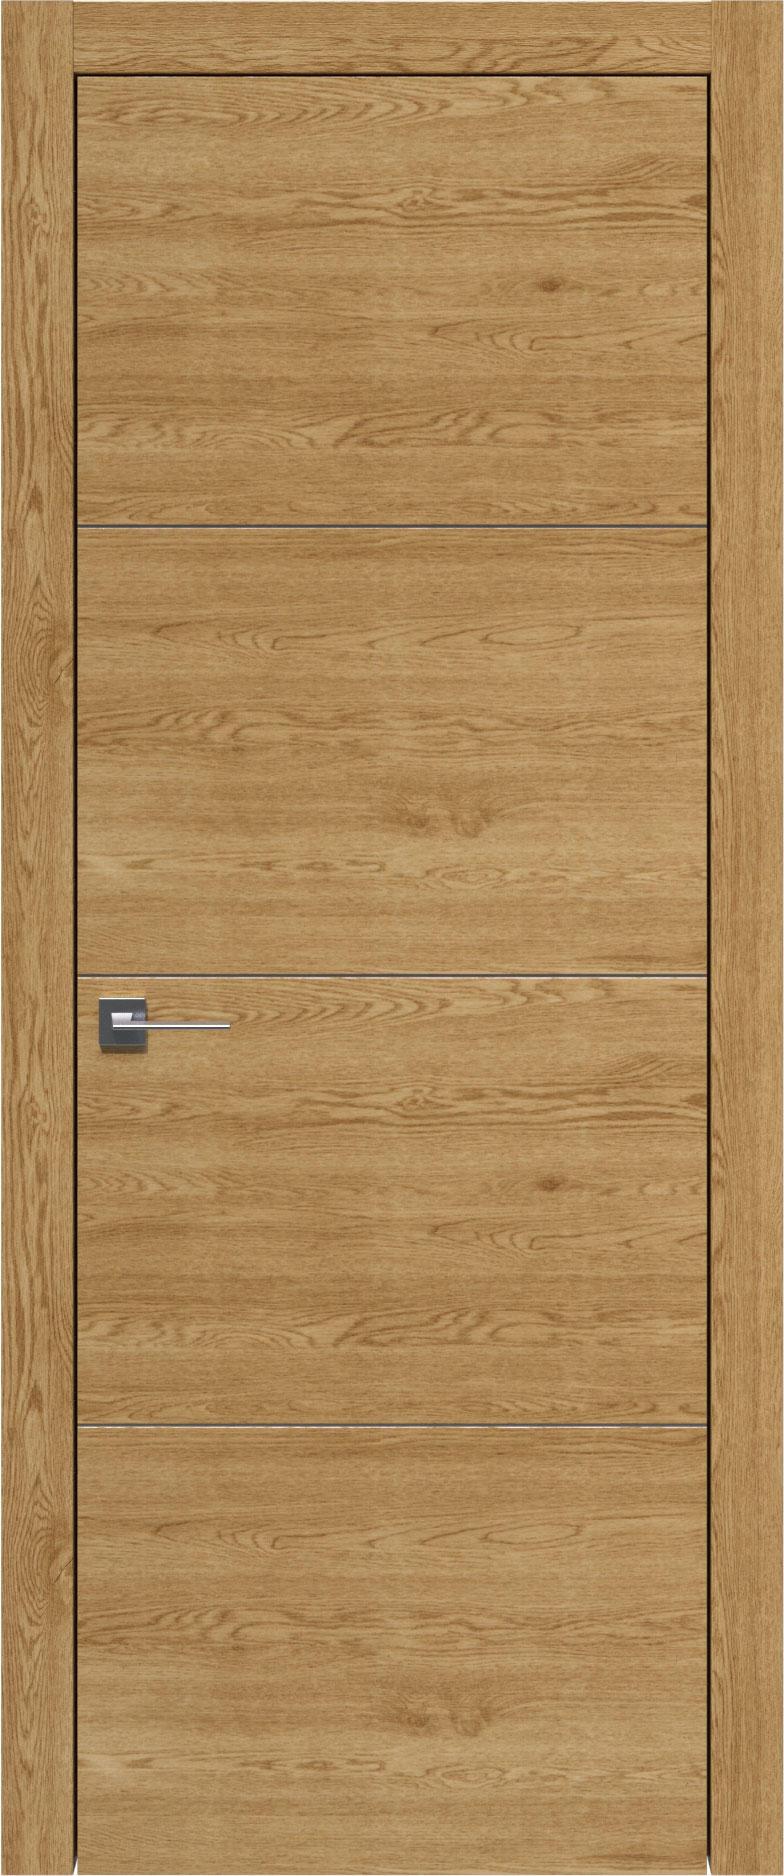 Tivoli Г-2 цвет - Дуб натуральный Без стекла (ДГ)